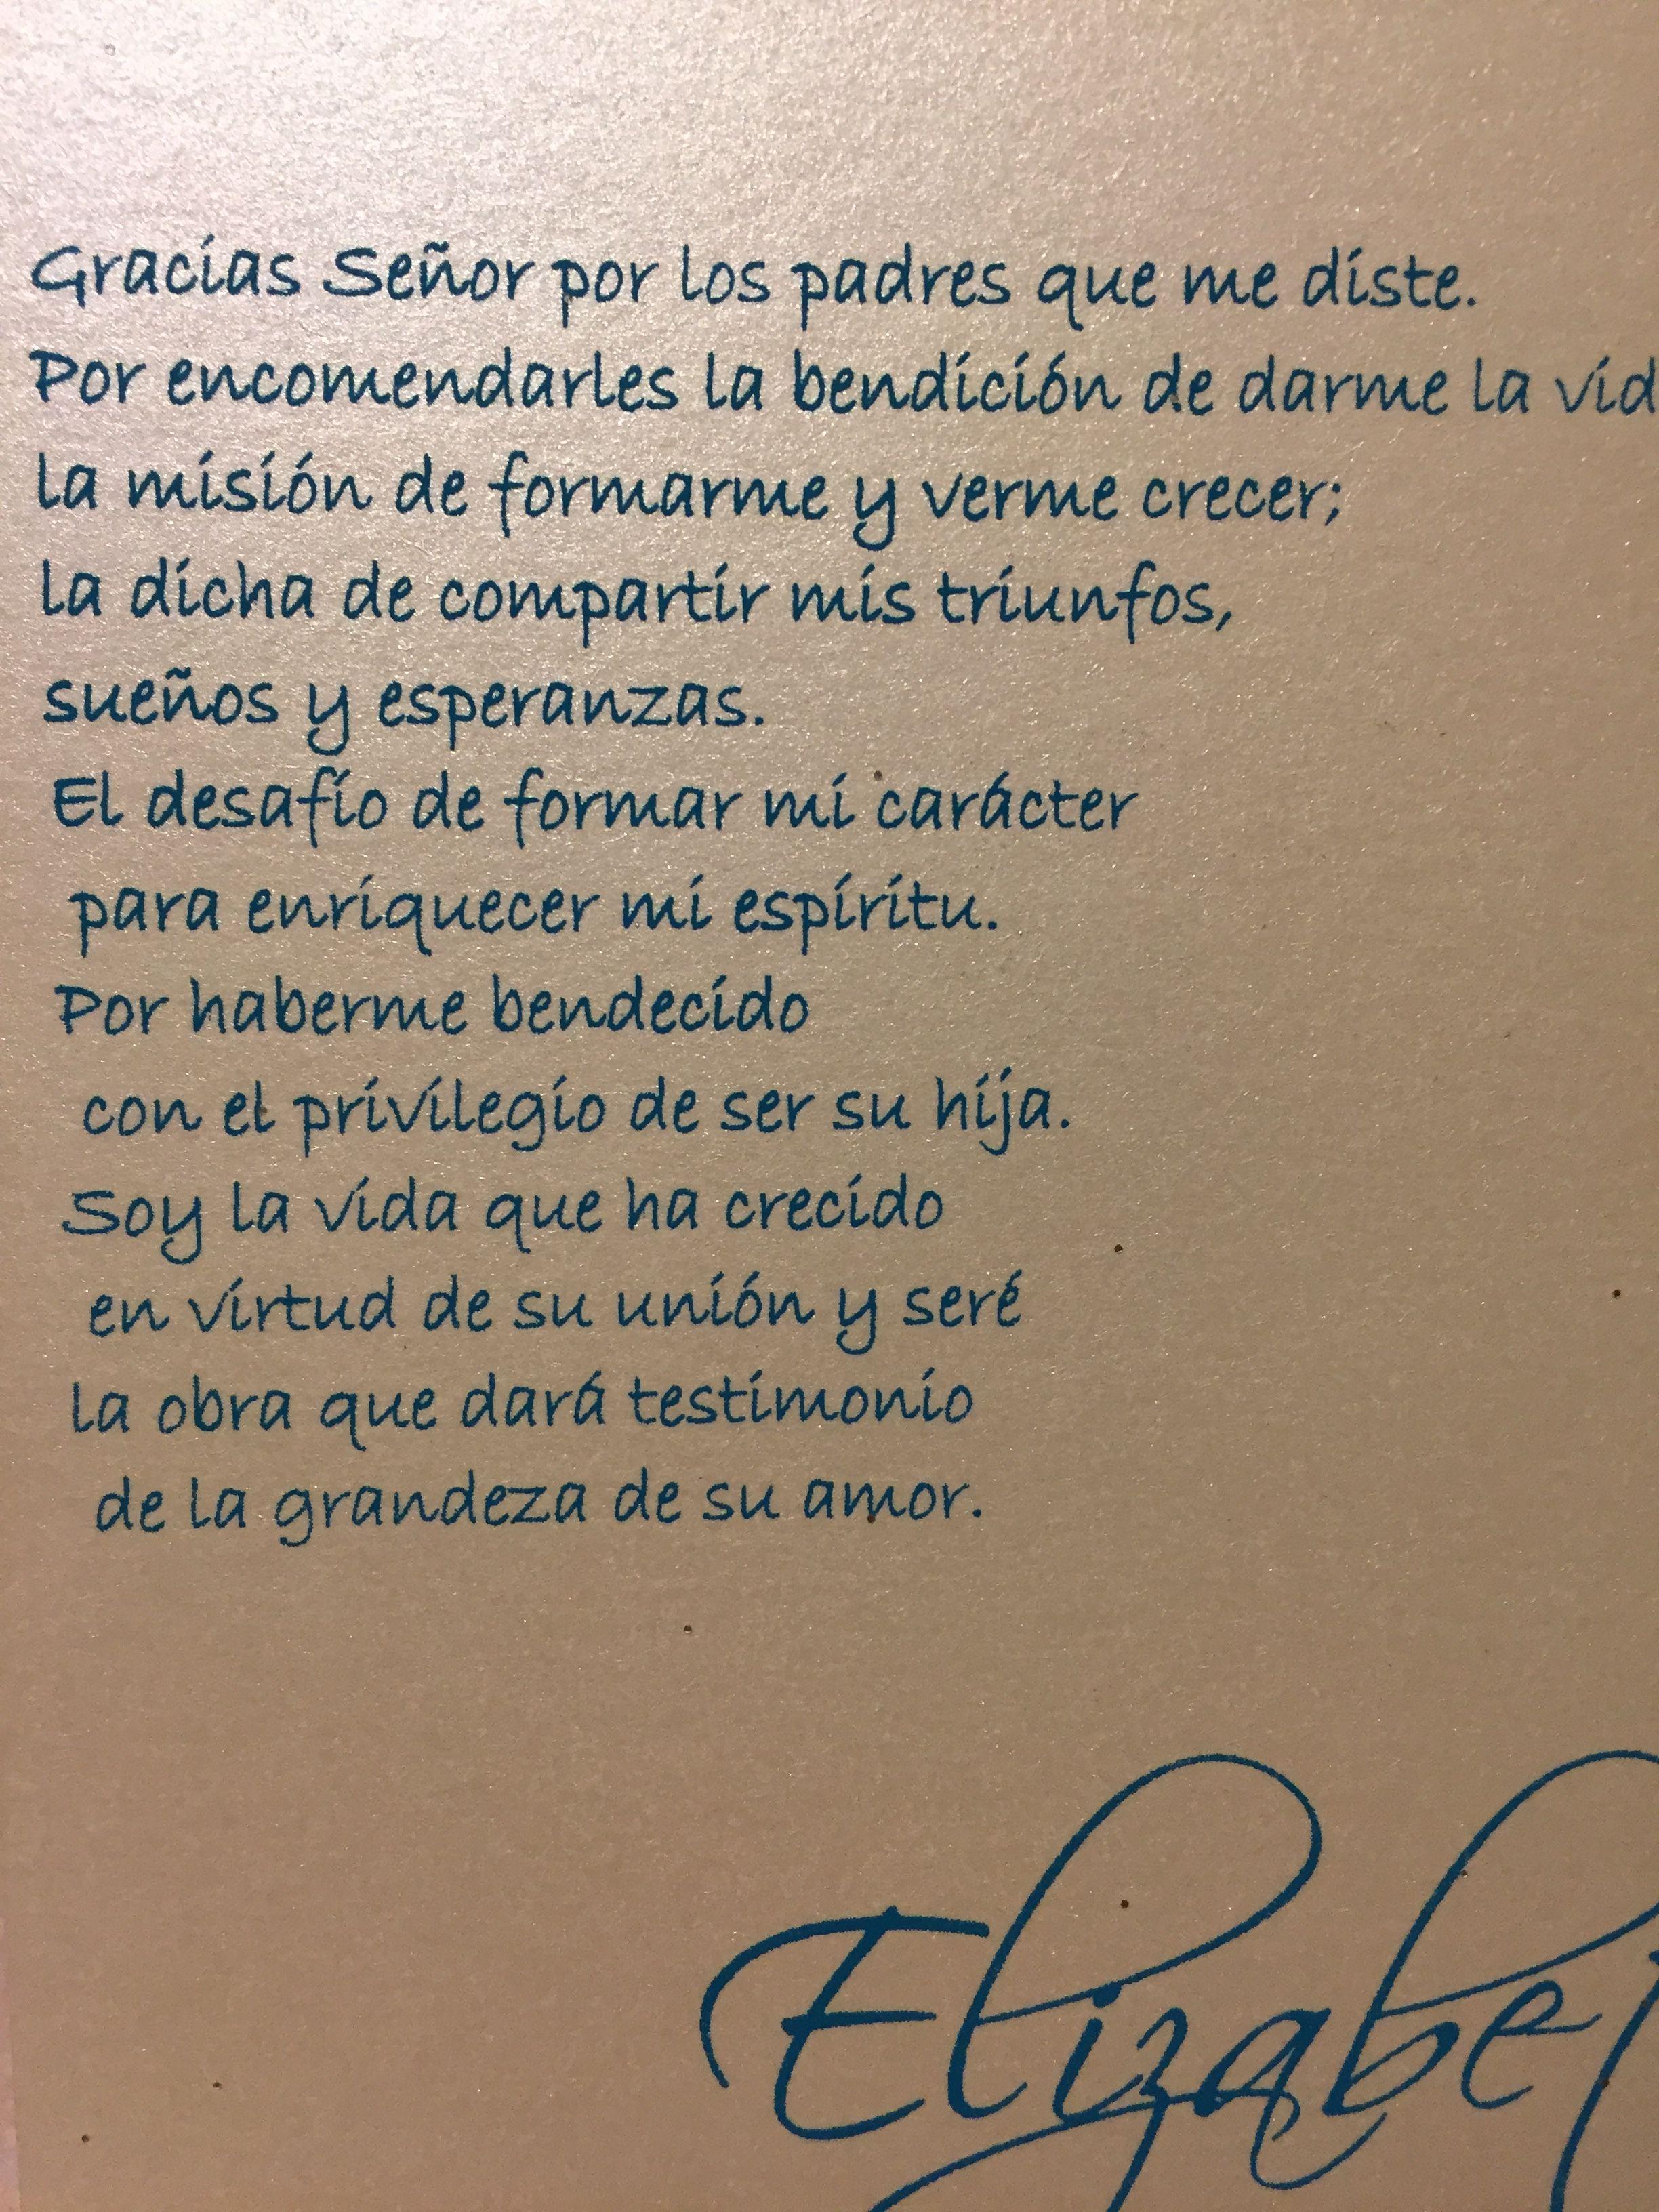 Frases De Tarjetas Frases De Xv Años Oraciones De Xv Años